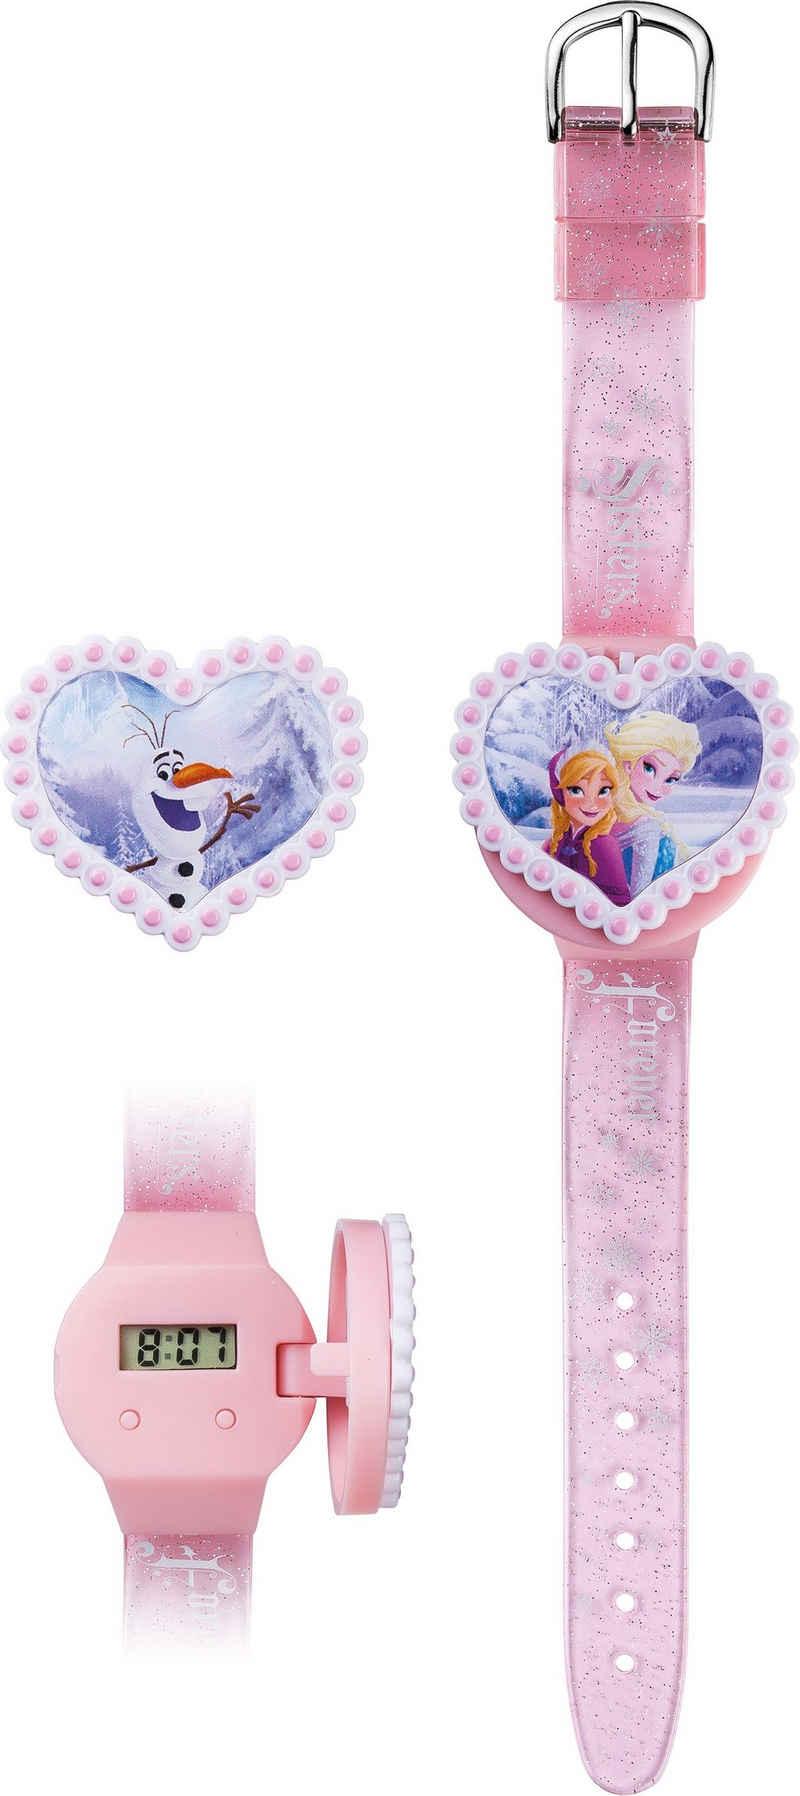 Joy Toy Digitaluhr »Disney's Eiskönigin, 755557«, (Packung, 3-tlg., LCD-Uhr mit 2 herzförmigen Abdeckmotiven)